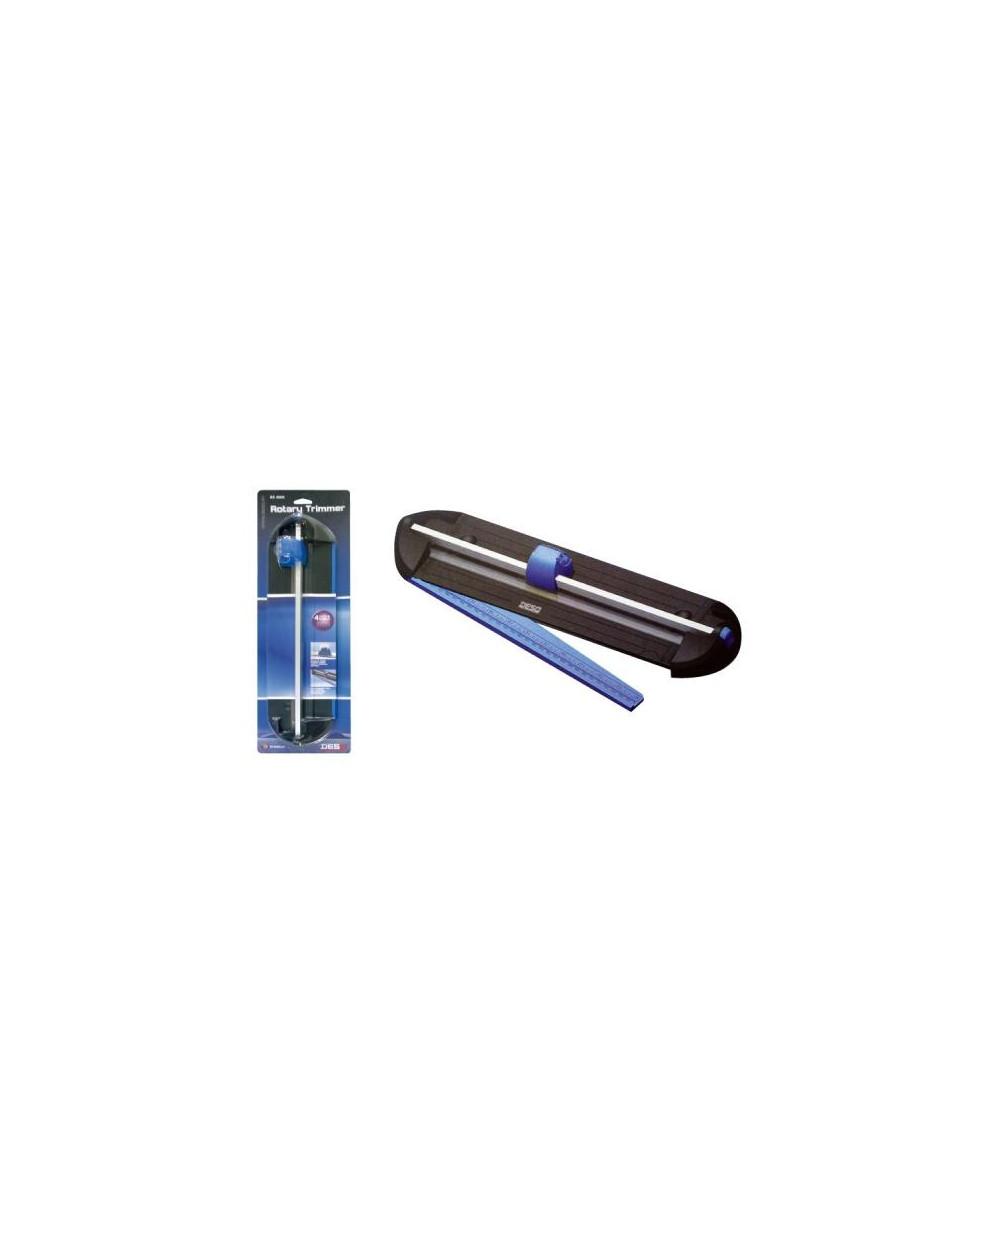 Тример DESQ A4, 310 мм, 5 л, 0.5 мм, с 4 реж. глави